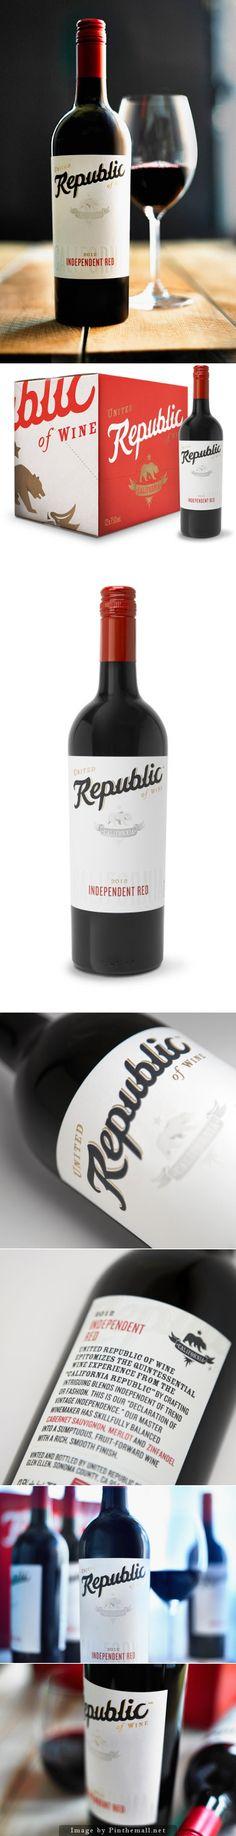 United Republic of Wine  #taninotanino #vinosmaximum #stilovino